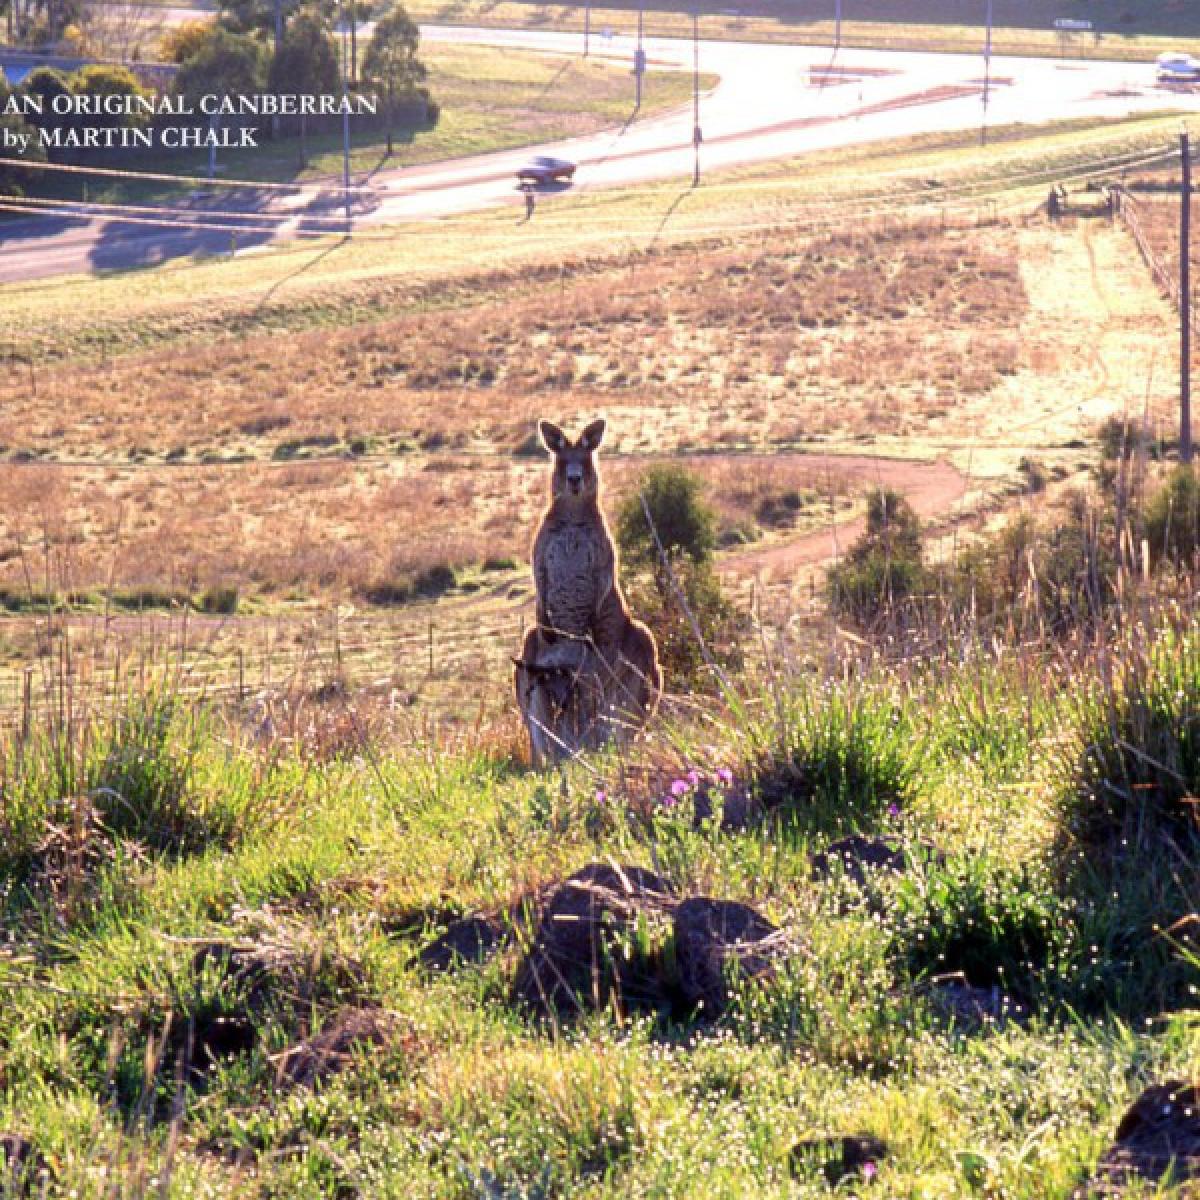 An orginal Canberran